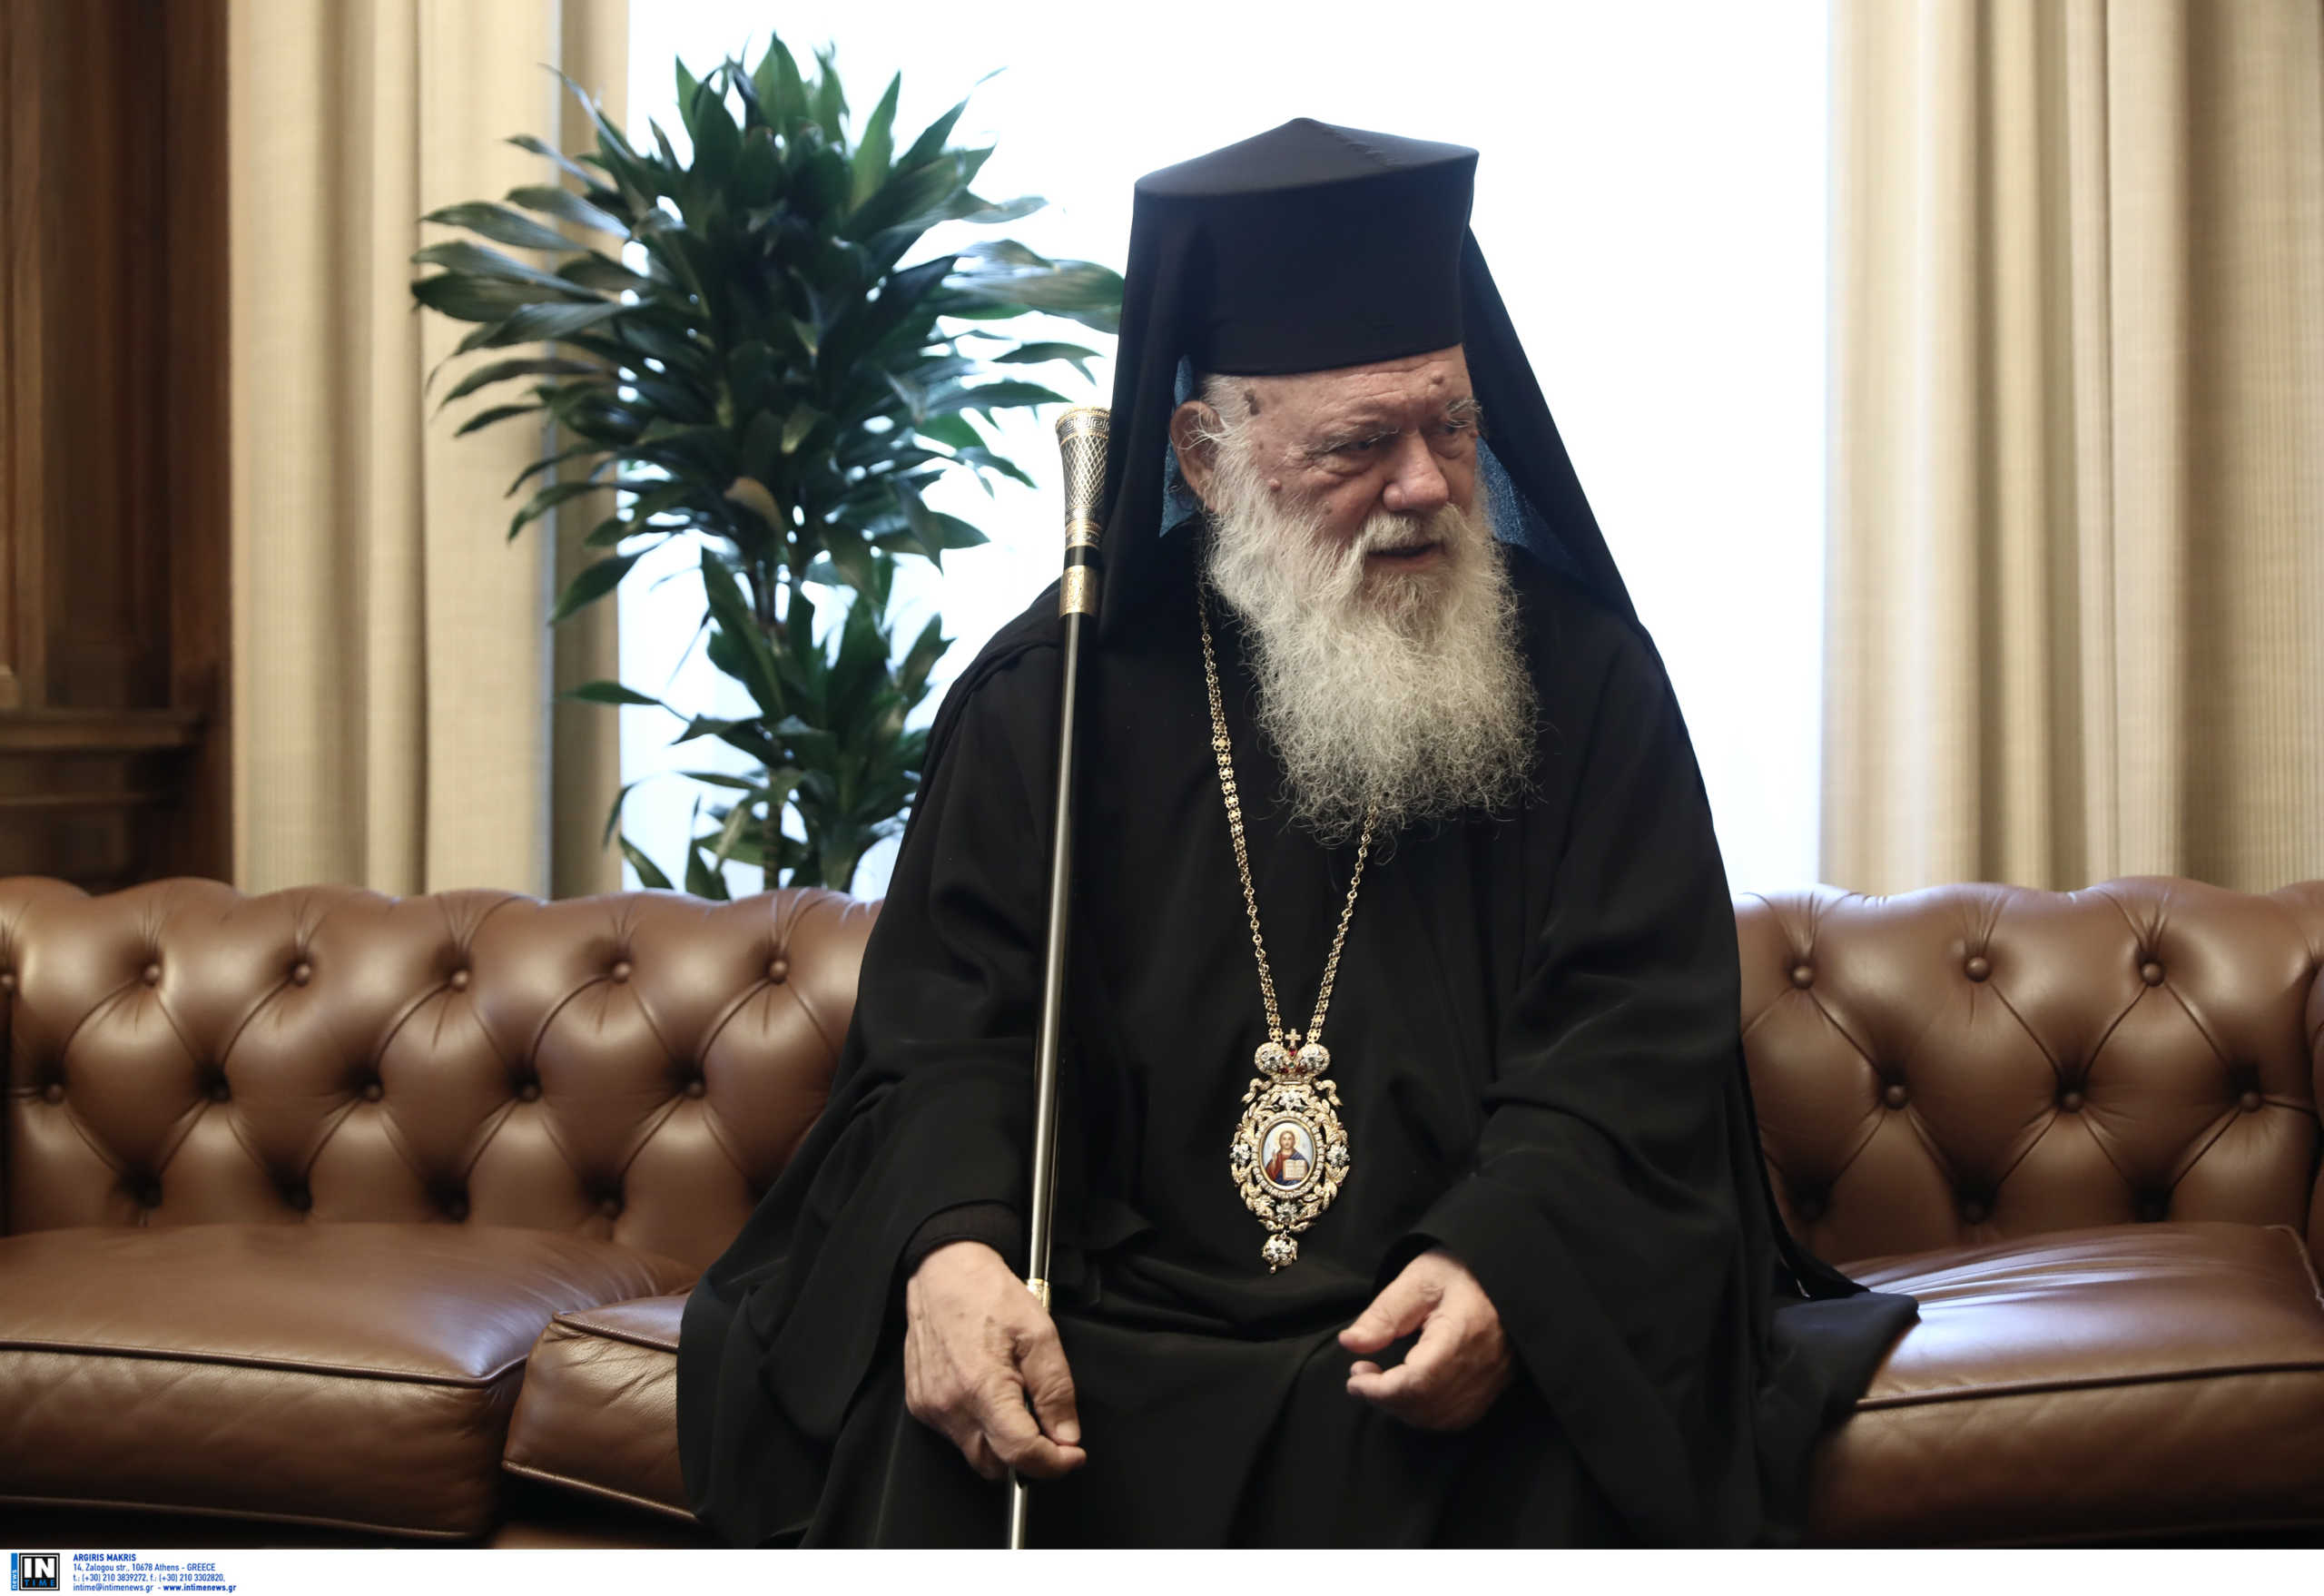 Αρχιεπίσκοπος Ιερώνυμος: Μήνυμα για τη νέα κατηχητική σχολική χρονιά